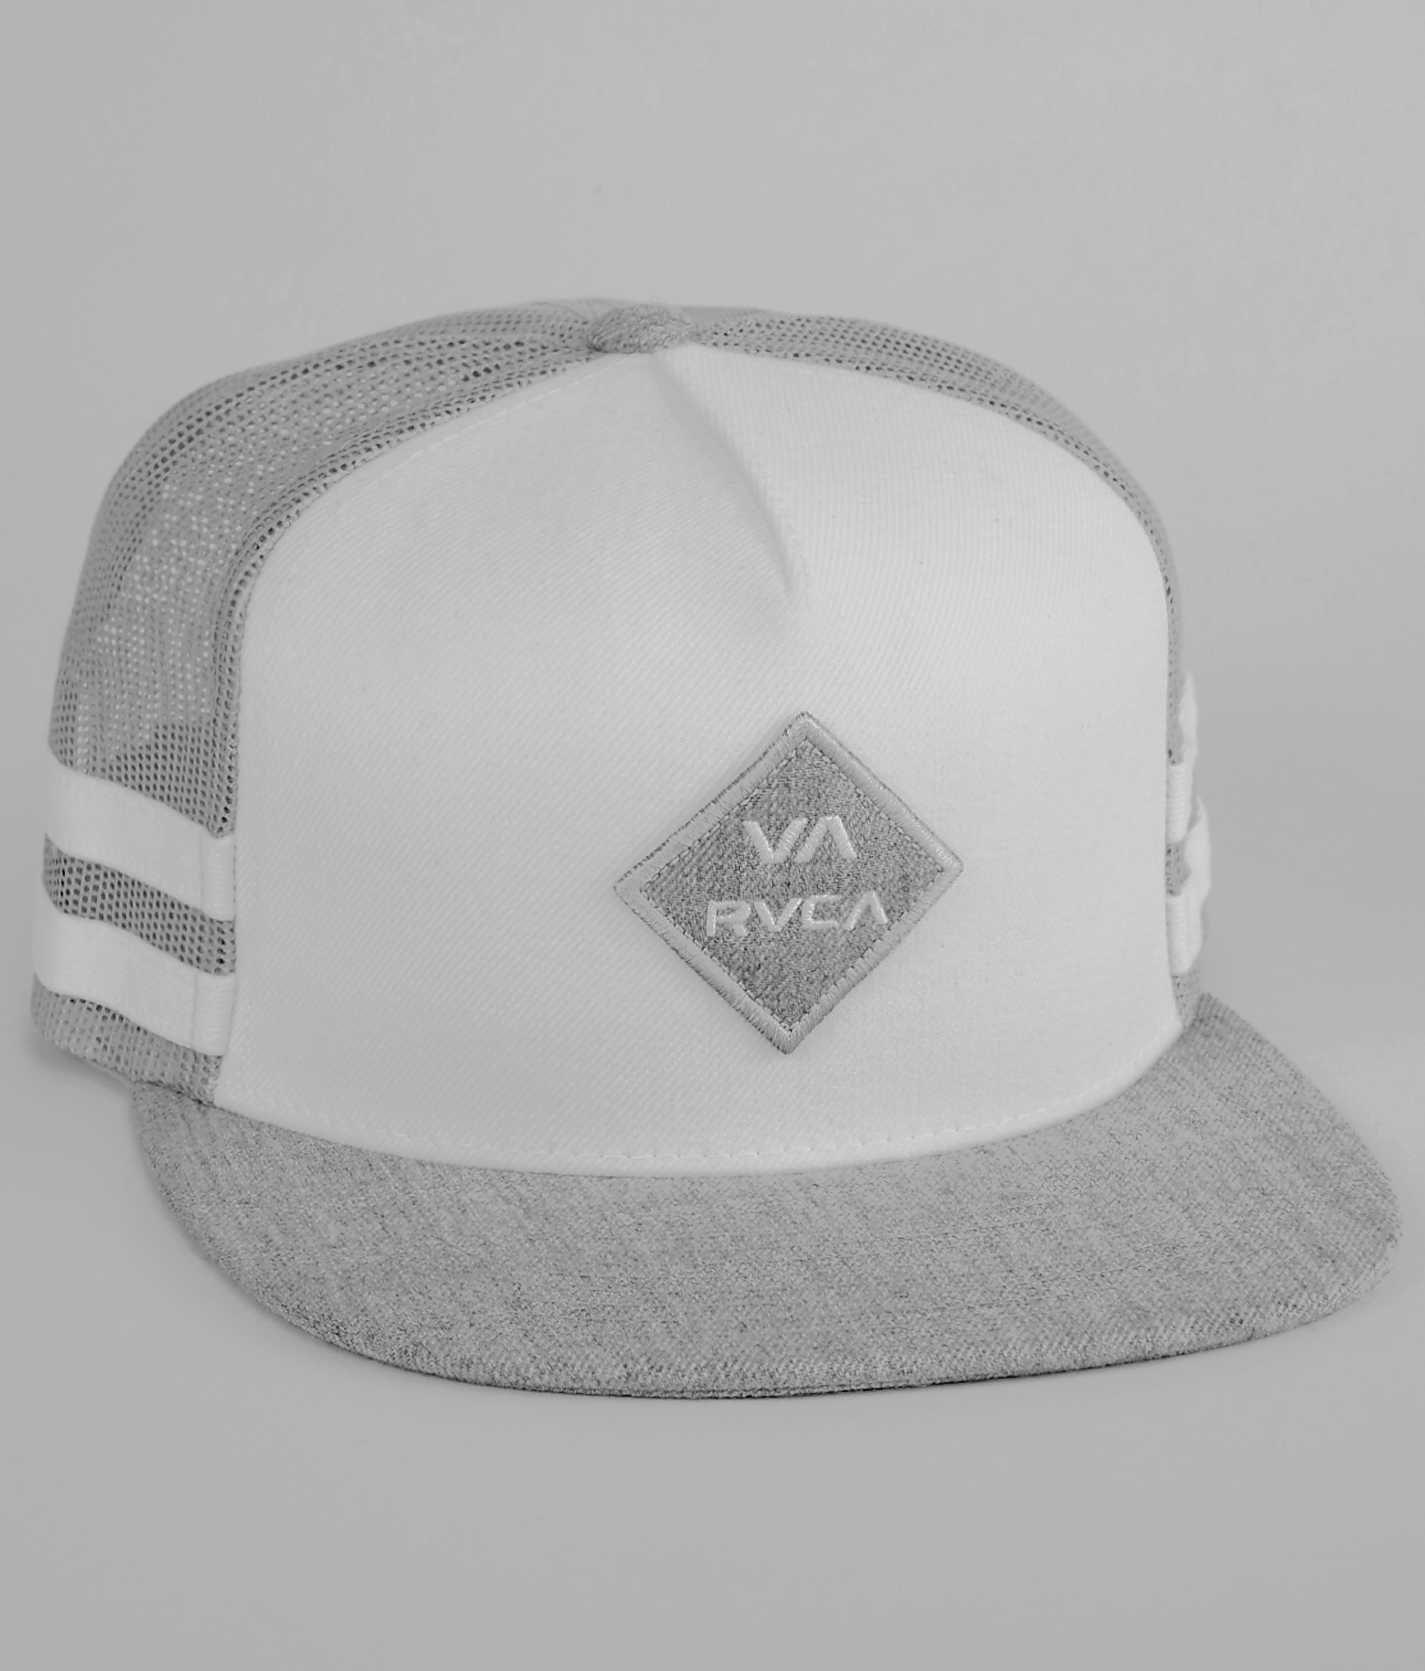 denmark va rvca hat meaning 58c28 fecb7